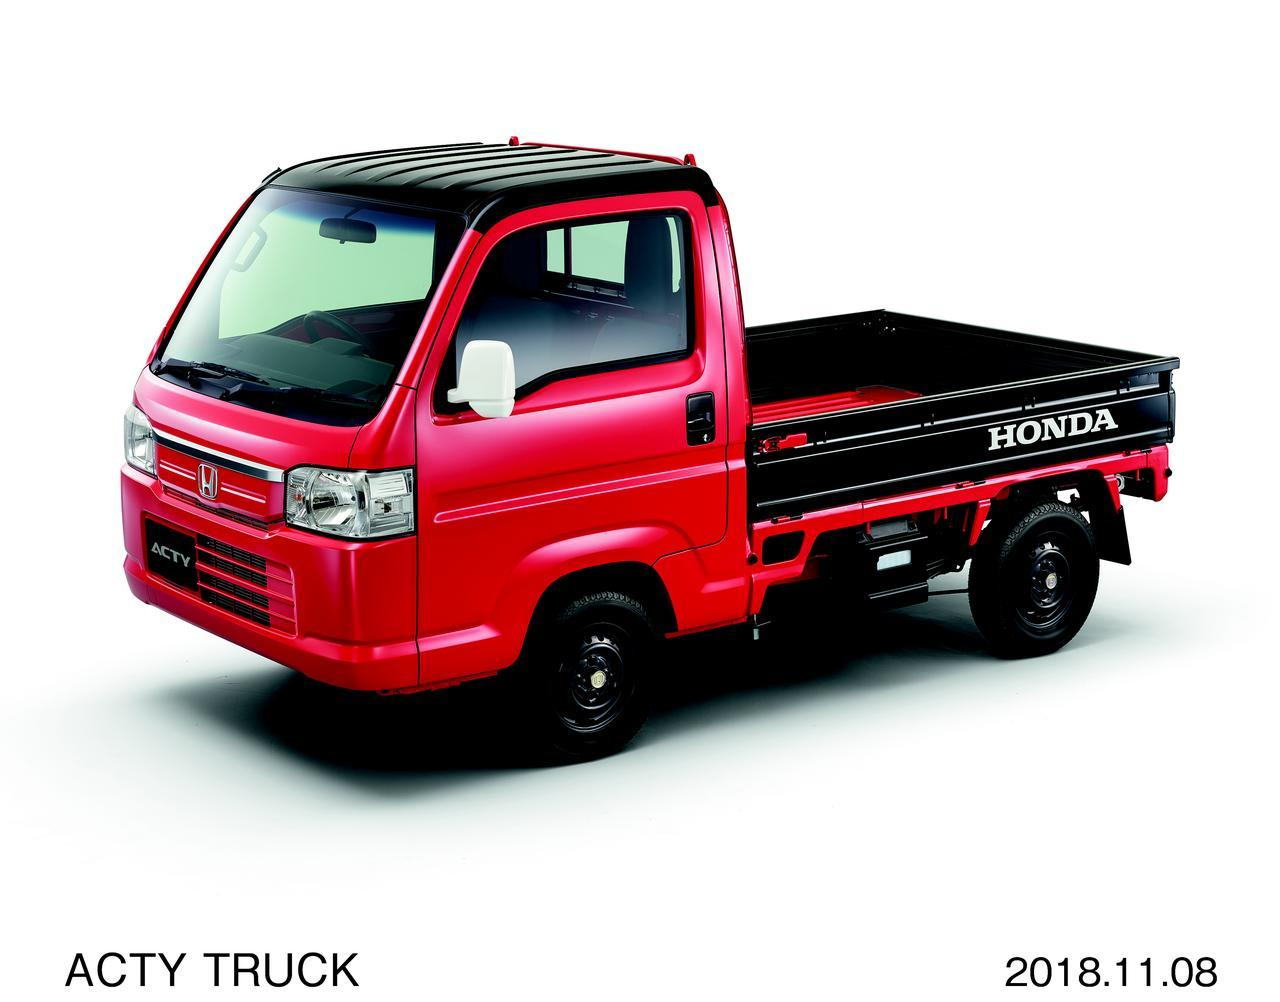 画像1: トラックもオシャレに!アクティ・トラック特別仕様車【ホンダ偏愛主義vol.44】